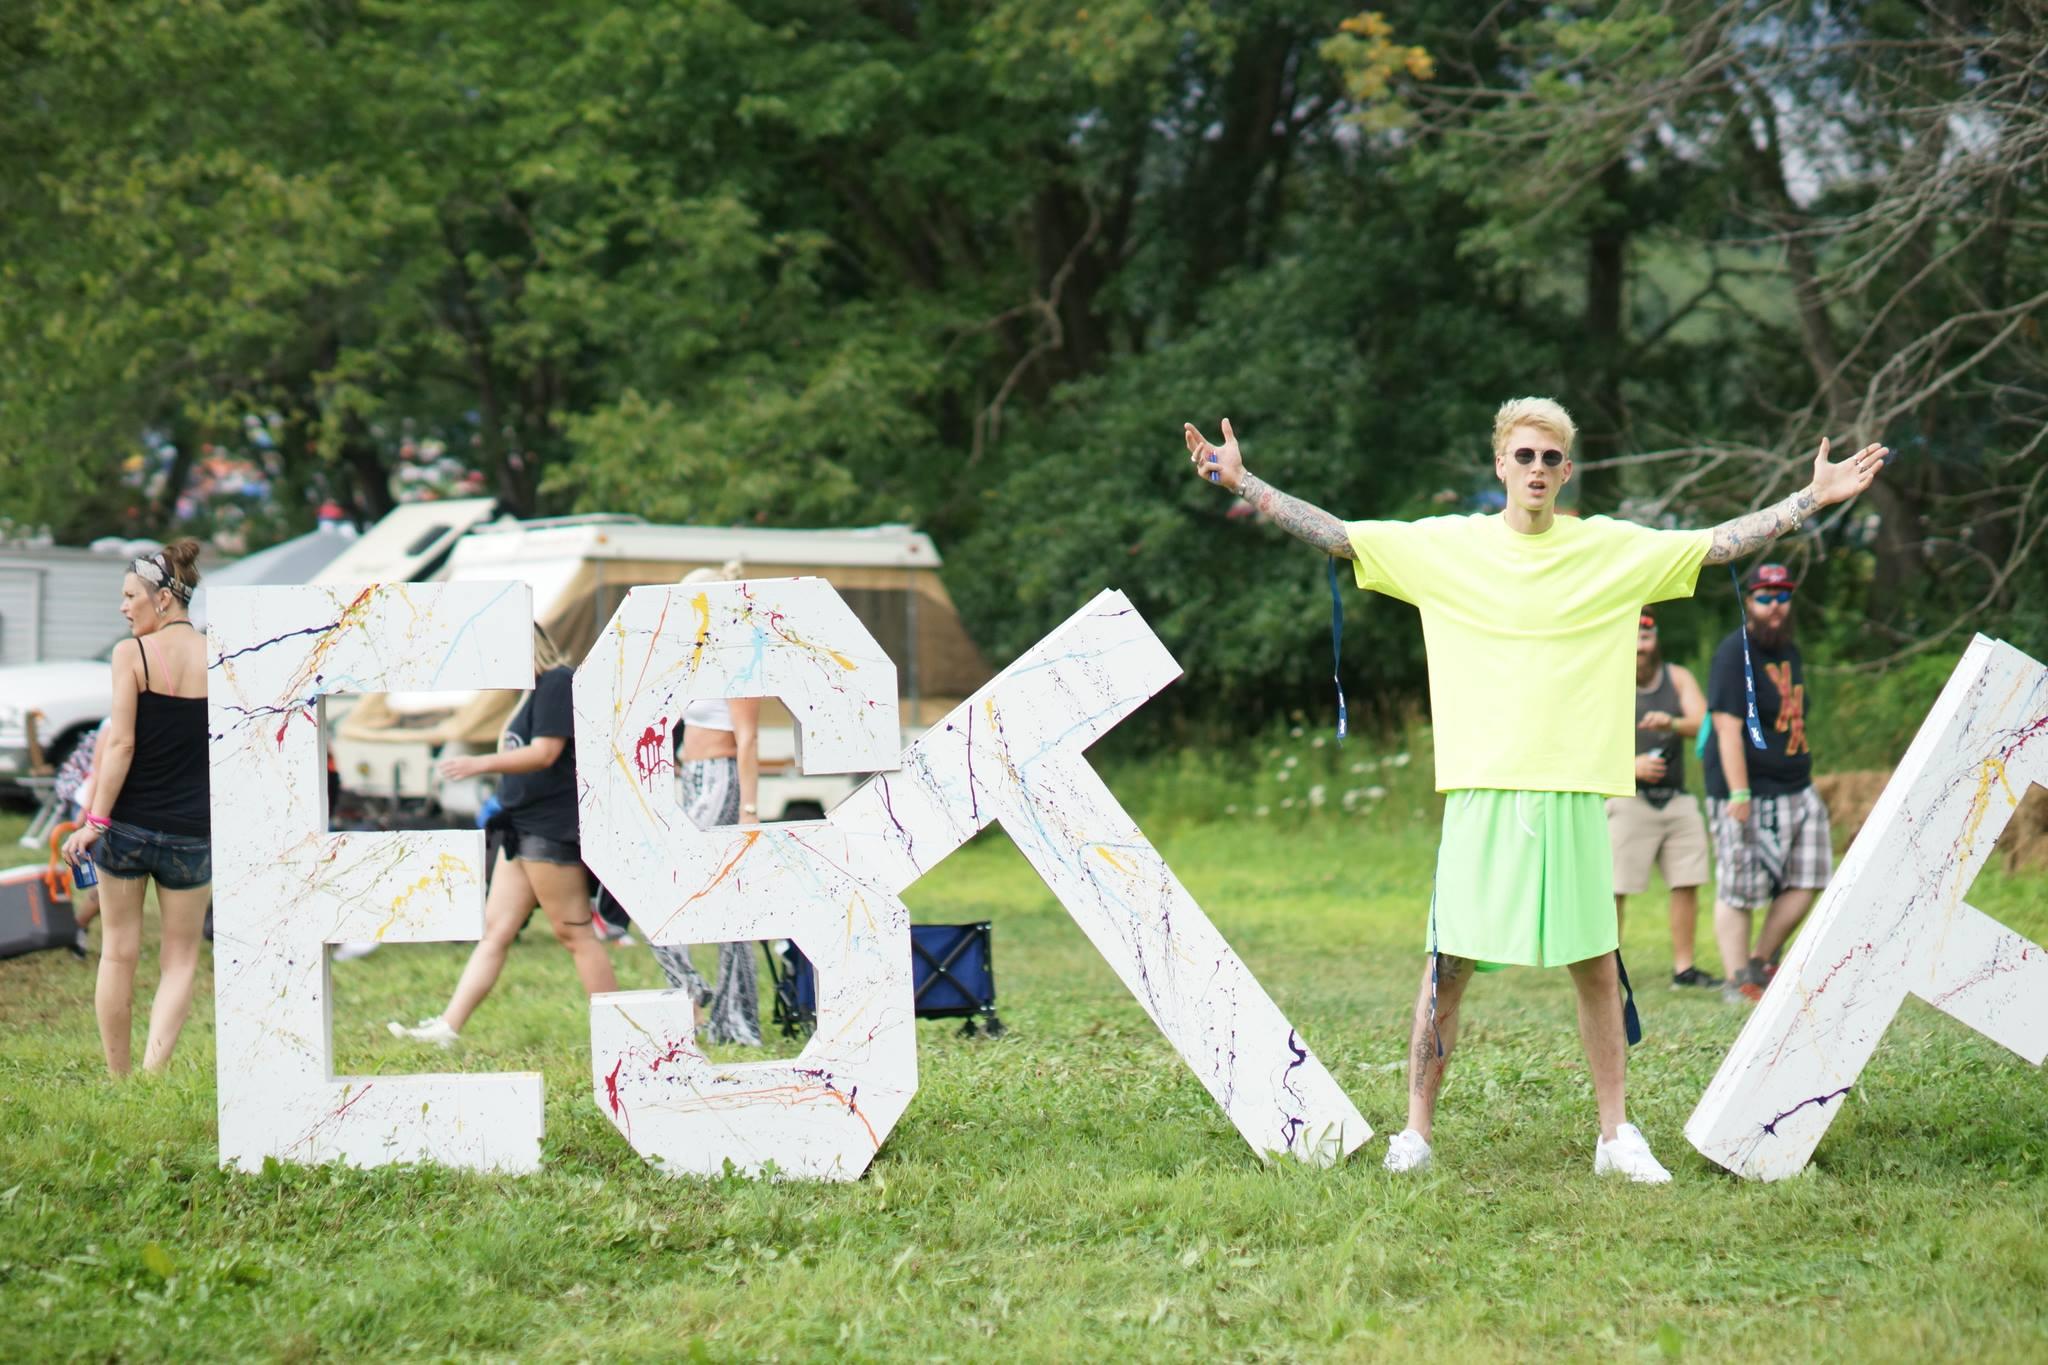 Best Camping Festivals in Ohio